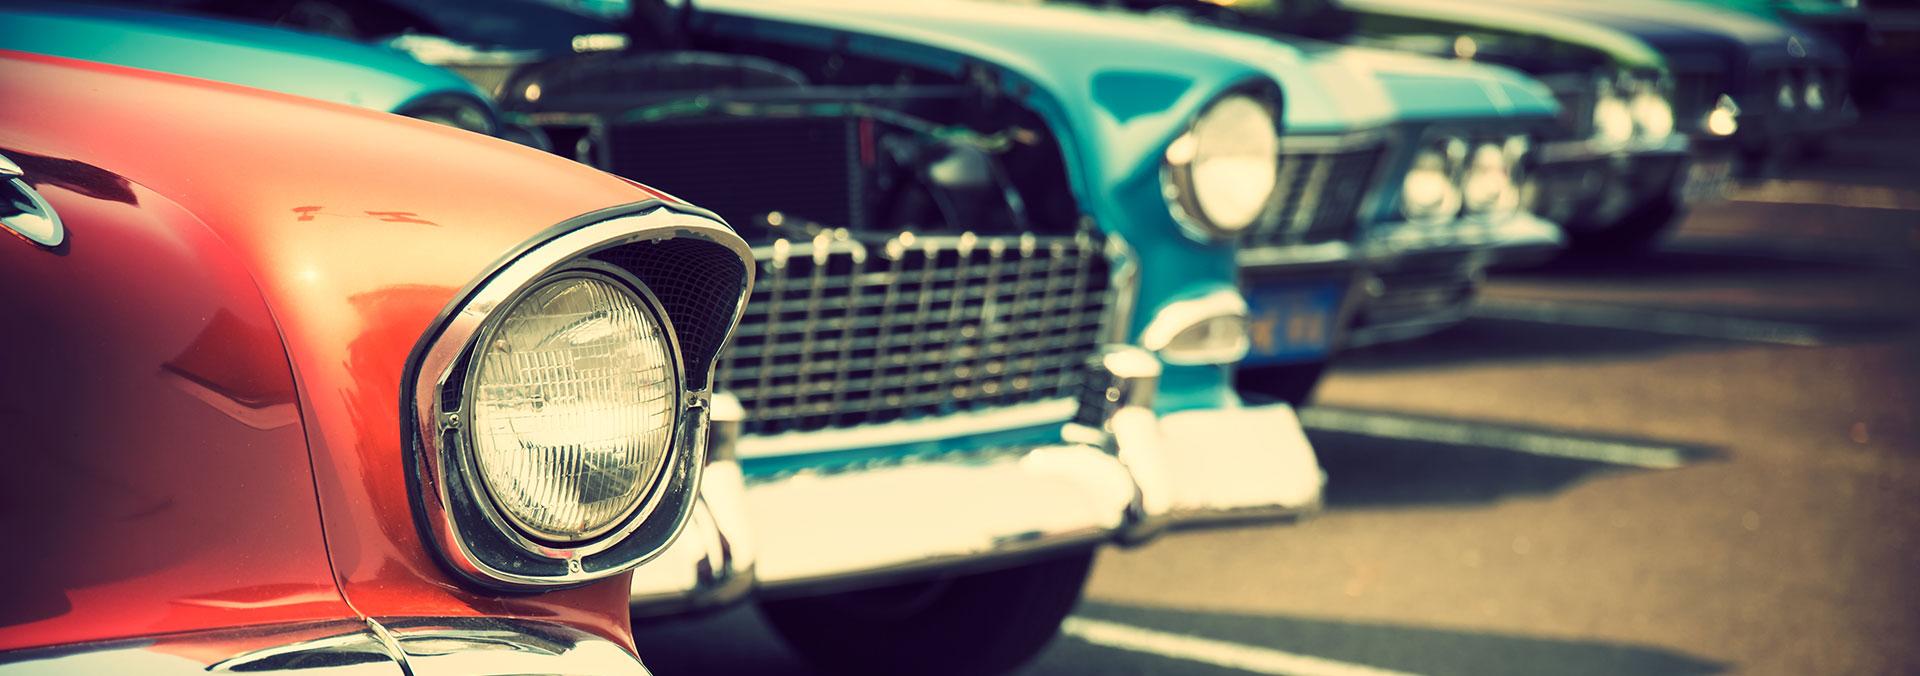 Amerikaanse auto